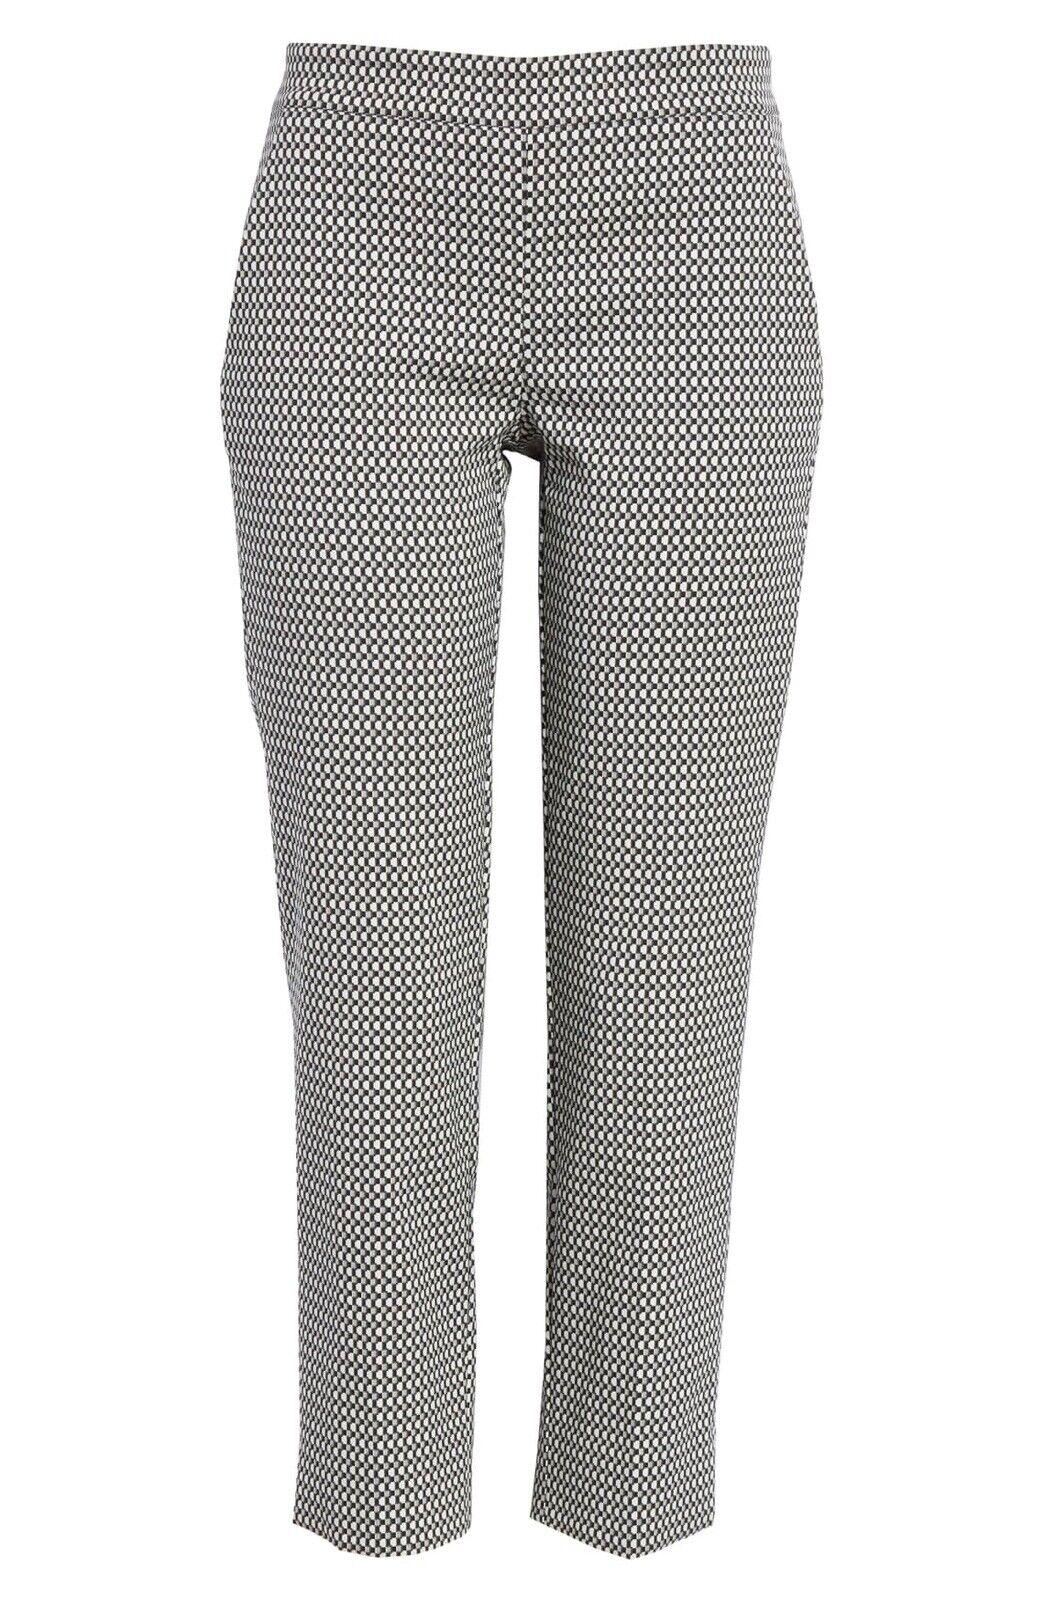 New Max Mara Zaffiro Crop Pants Größe 10 US   44 IT MSRP  545